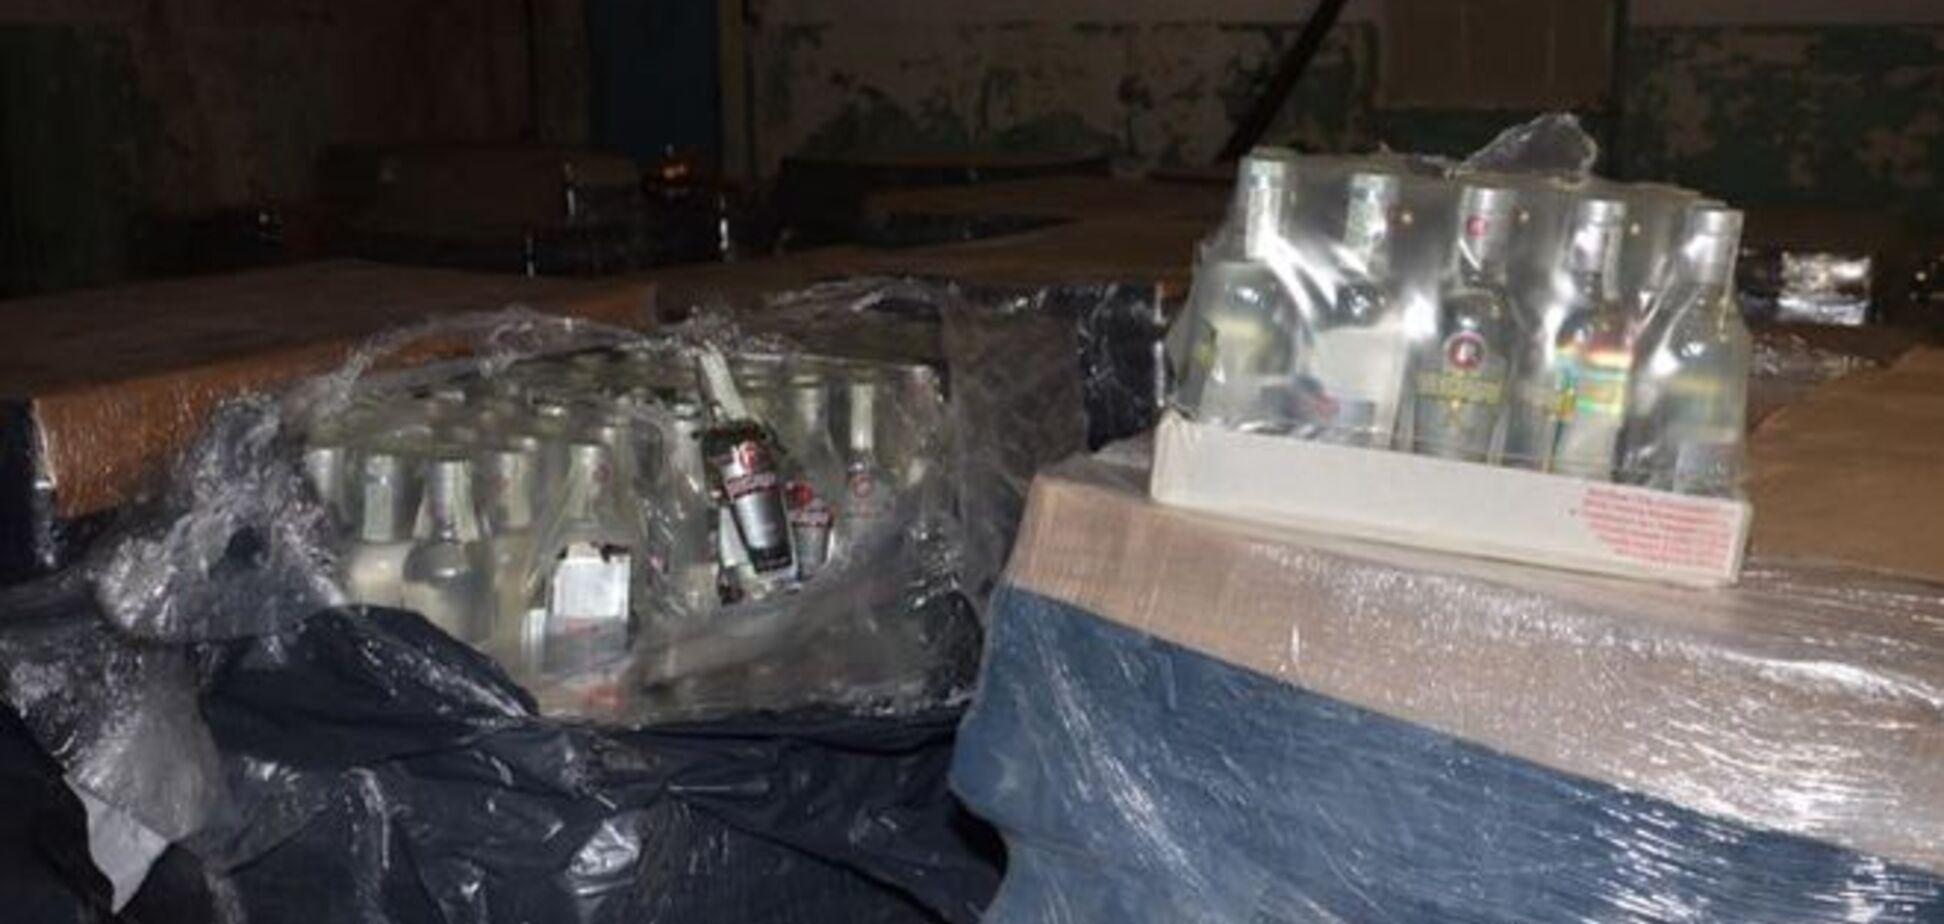 СБУ провела в зоне АТО сразу 4 'водочных' спецоперации: опубликованы фото